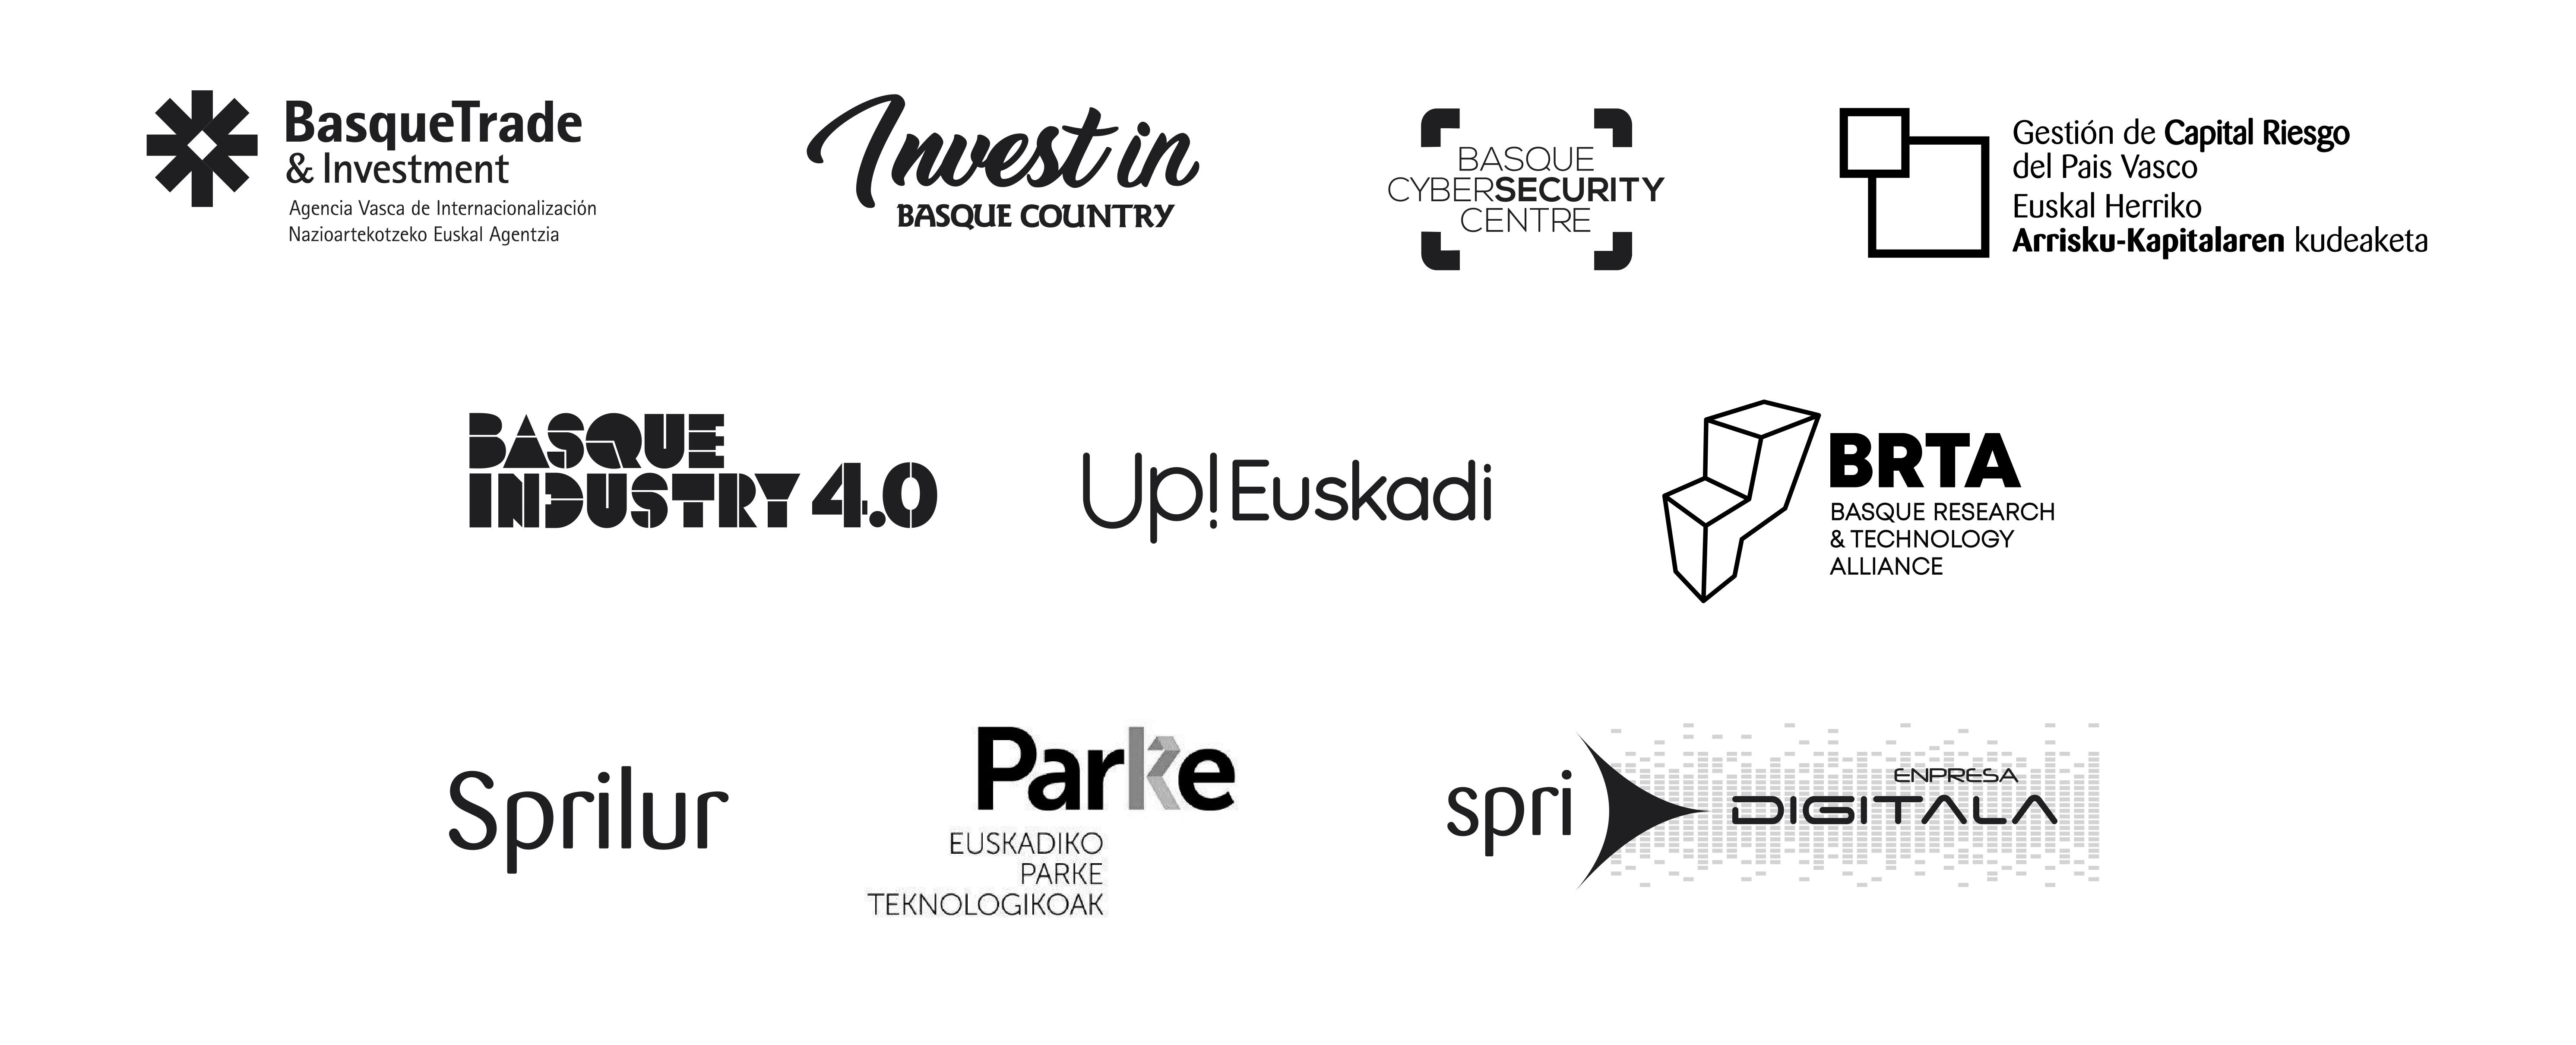 logos-agenda-spri